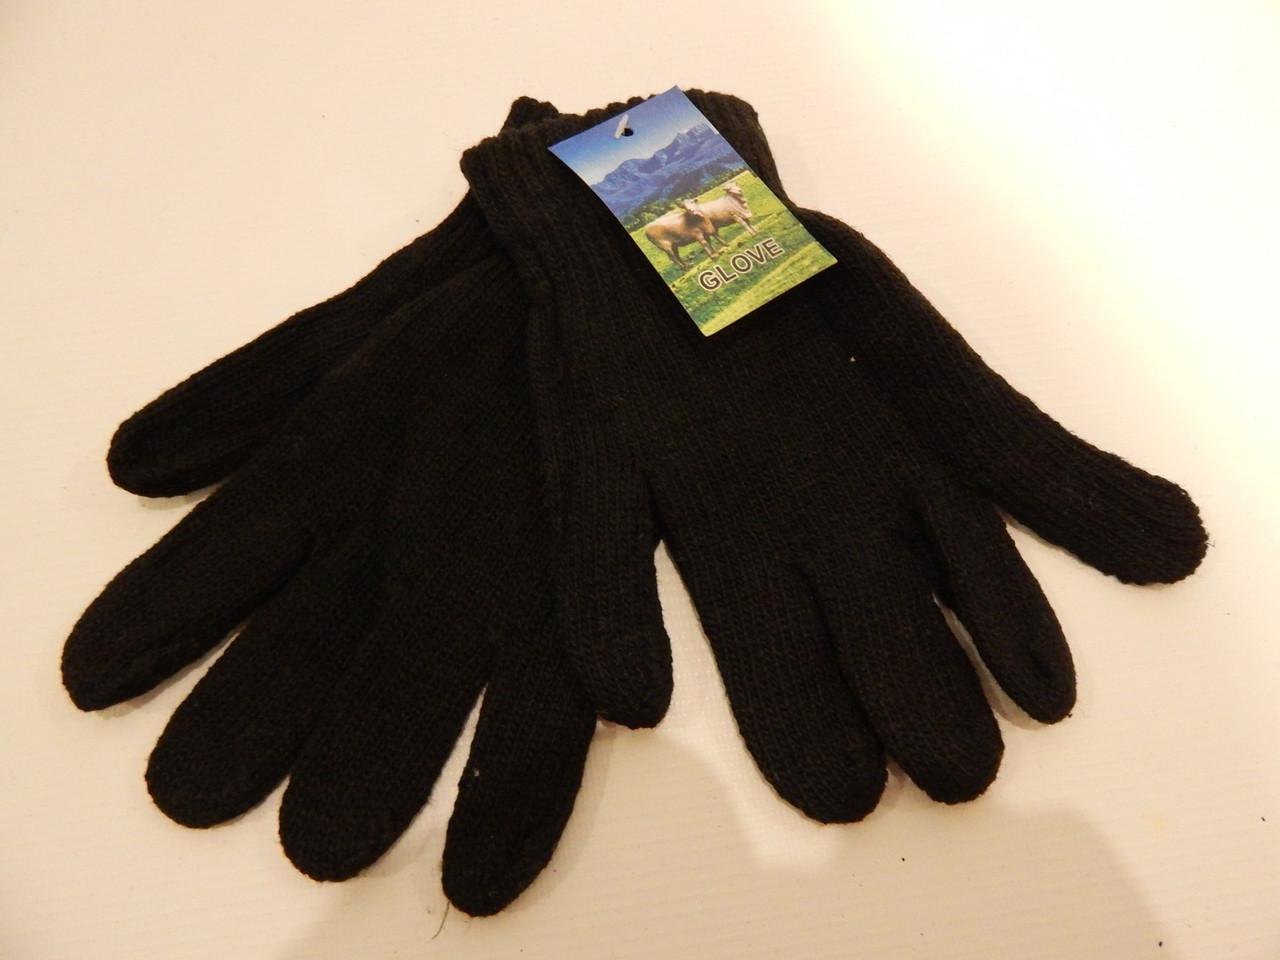 Перчатки  мужские демисезонные Glove р.S( 7 )  019PMZ